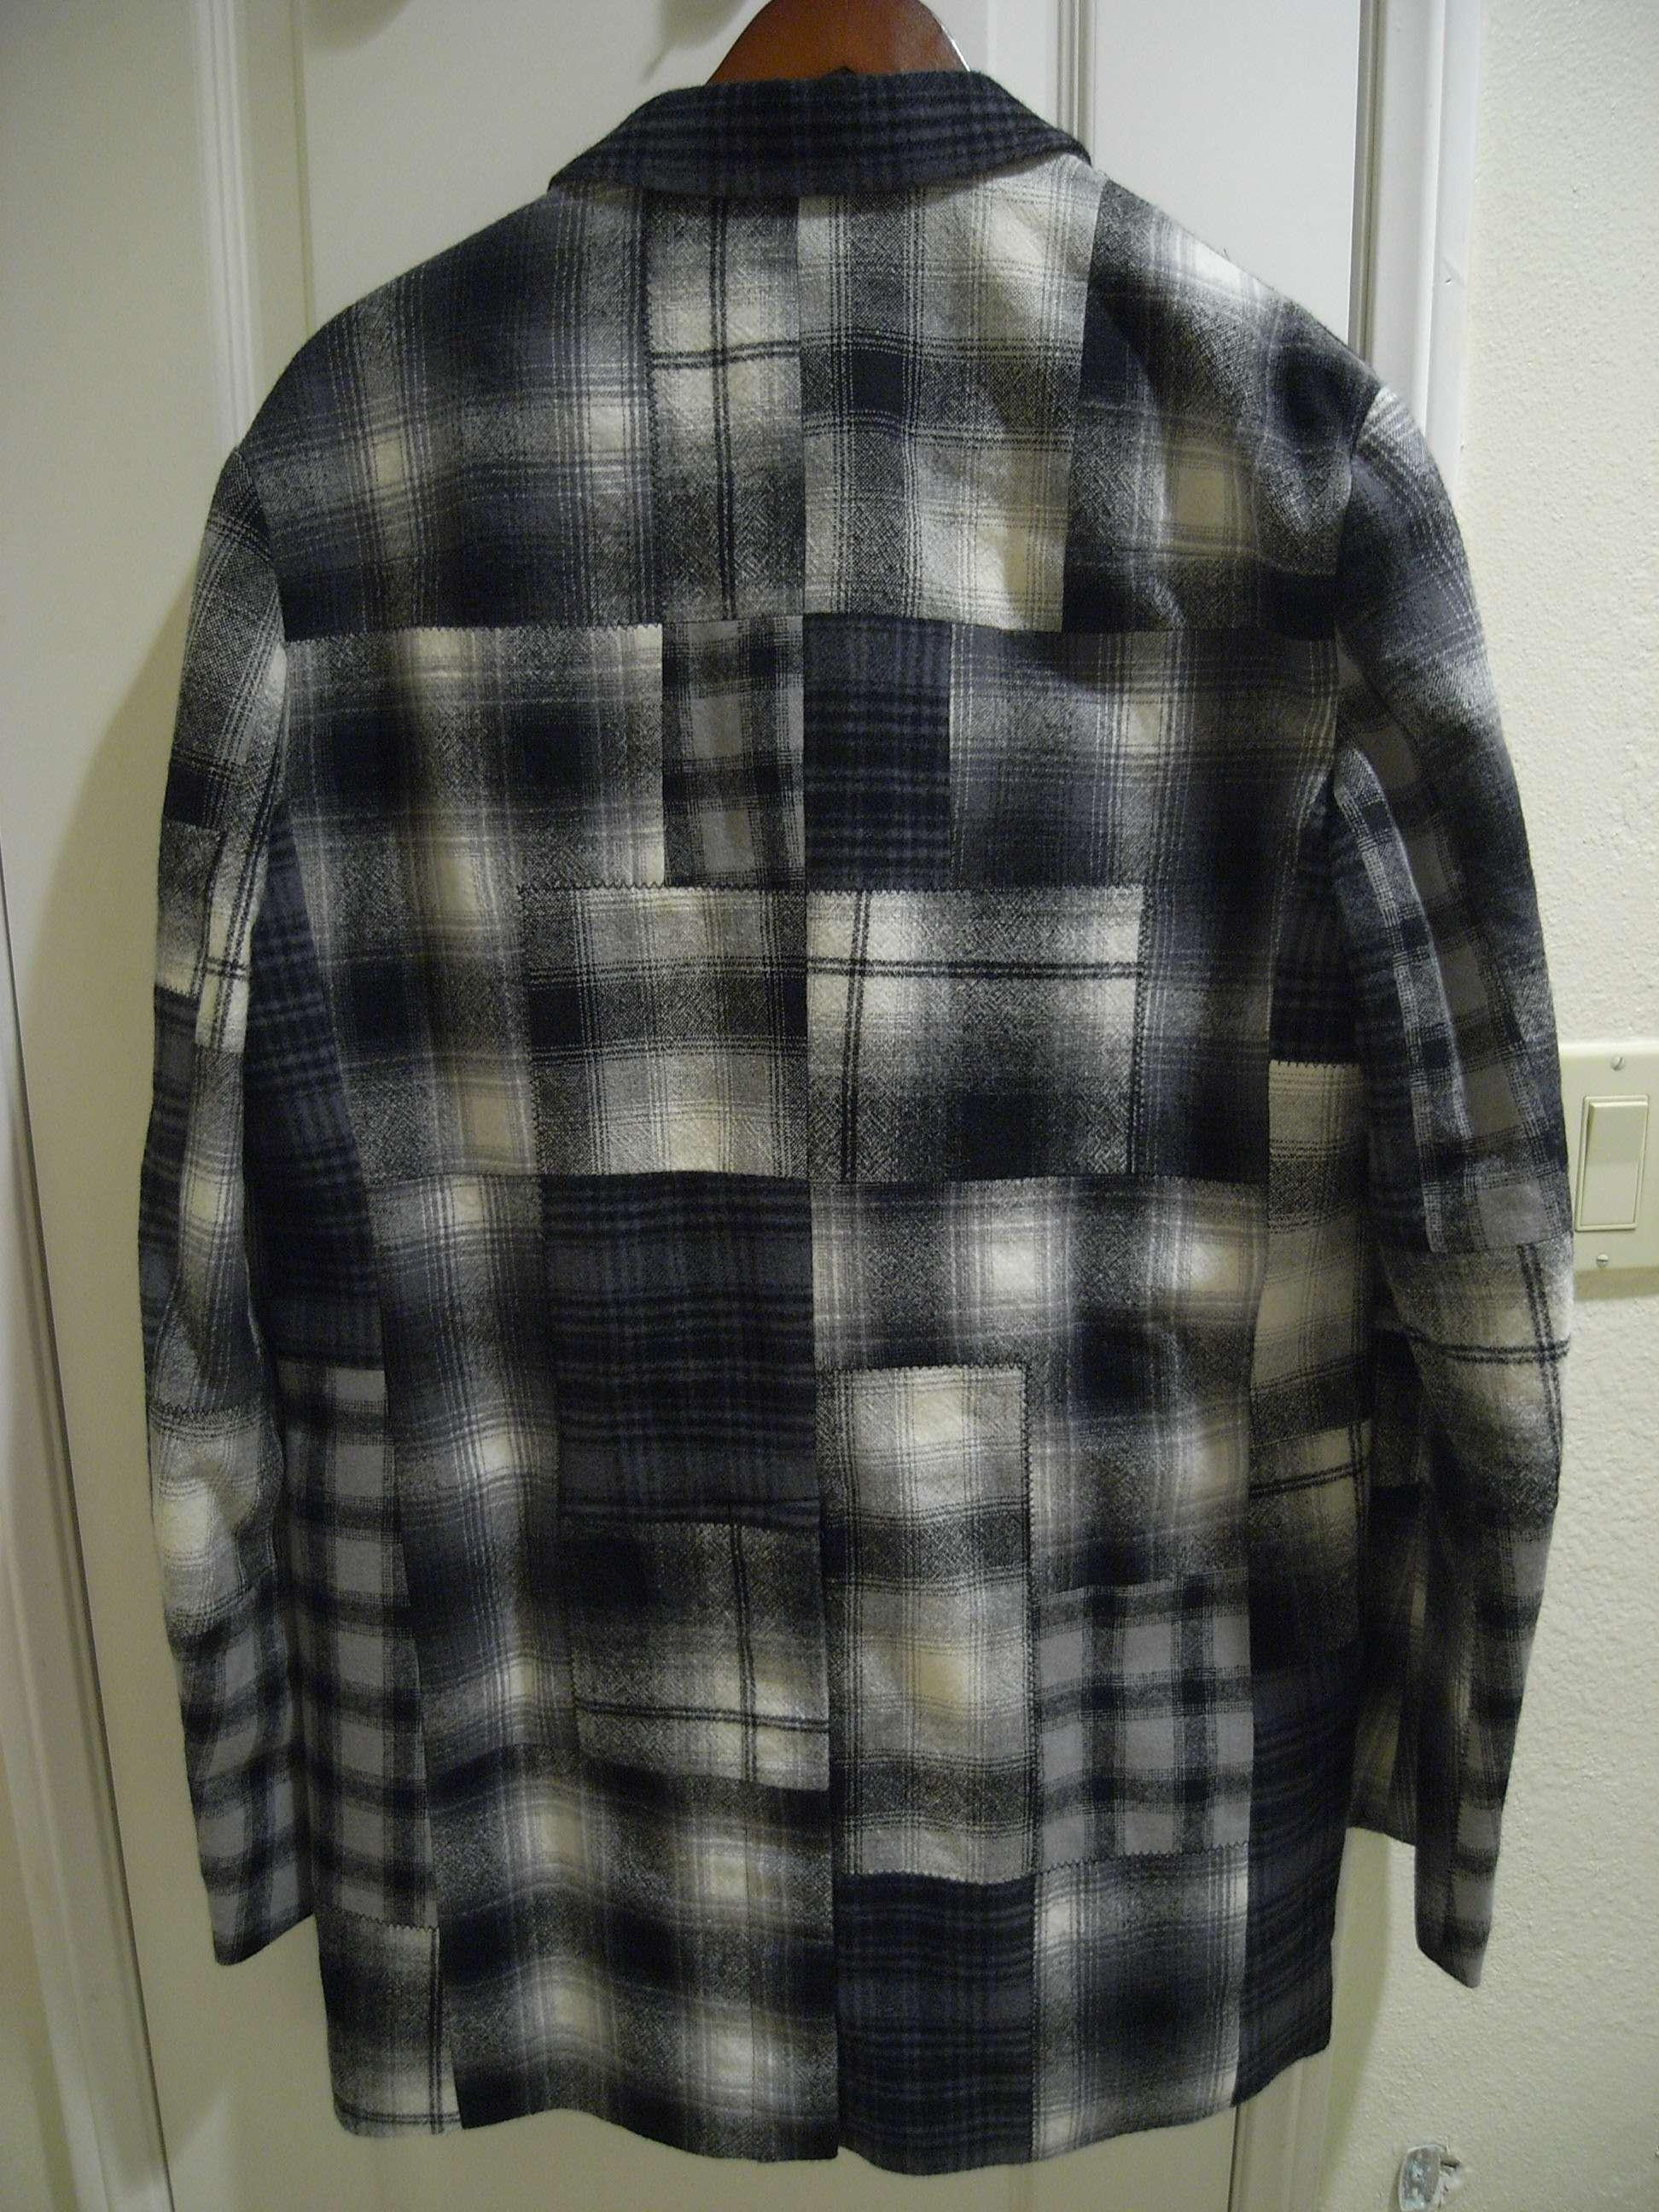 Fresh FS: Number (N)ine Items - Hoodie, Pants, Coat DY51